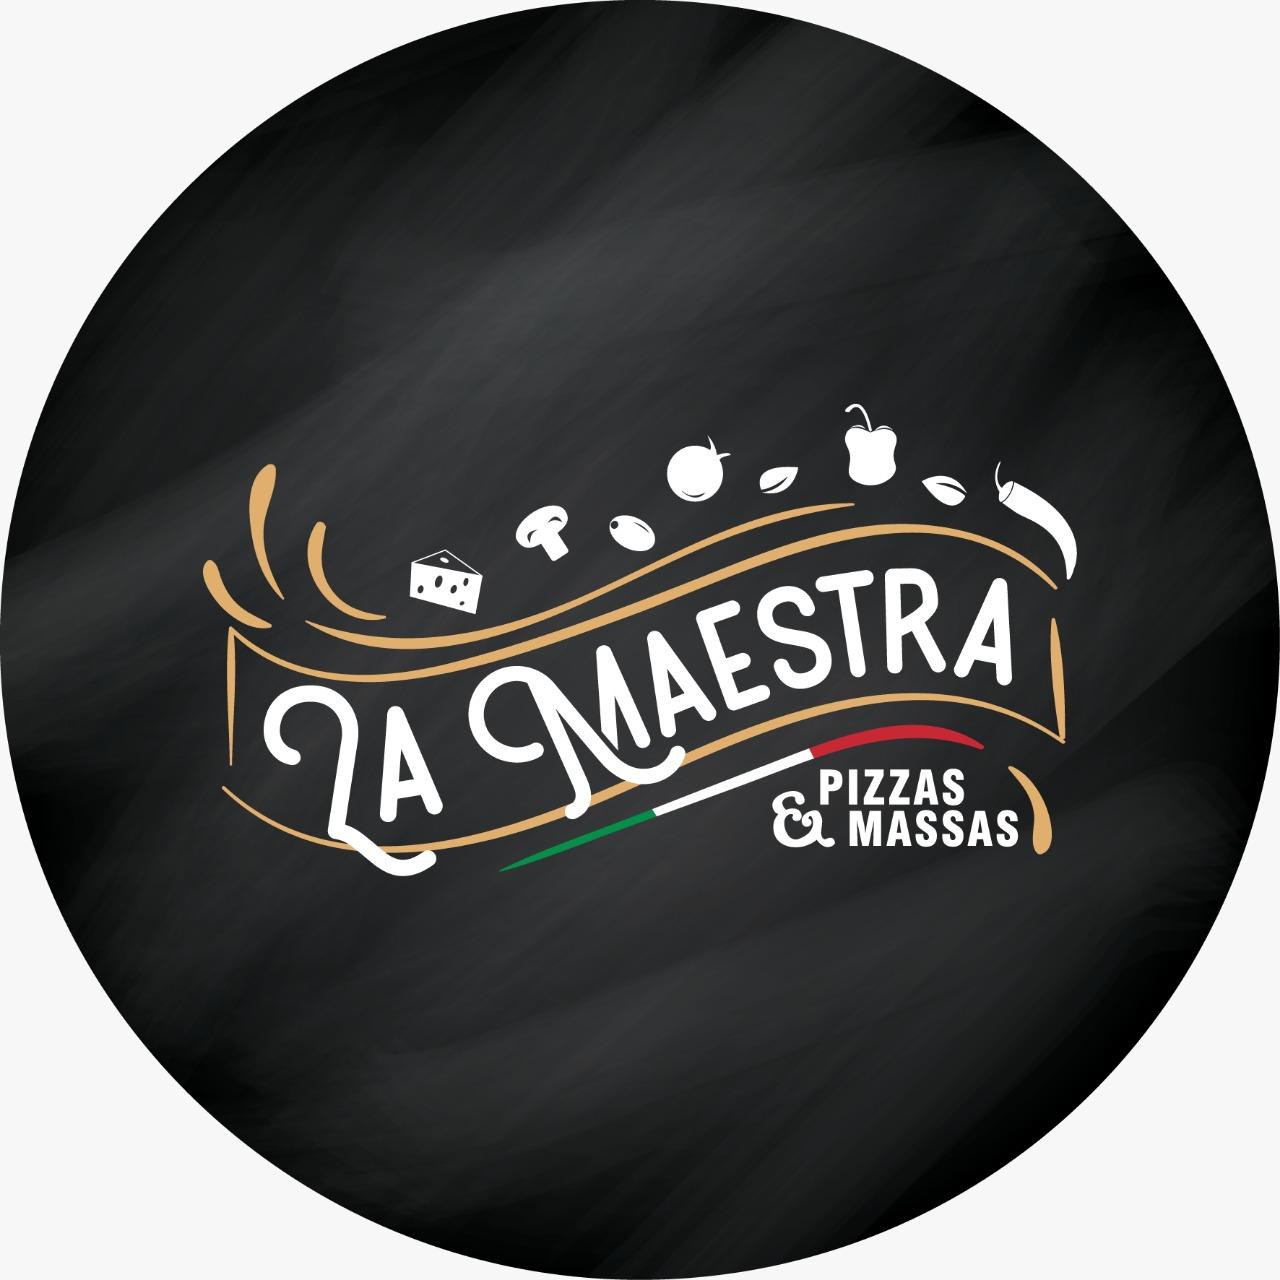 Pizzaria La Maestra